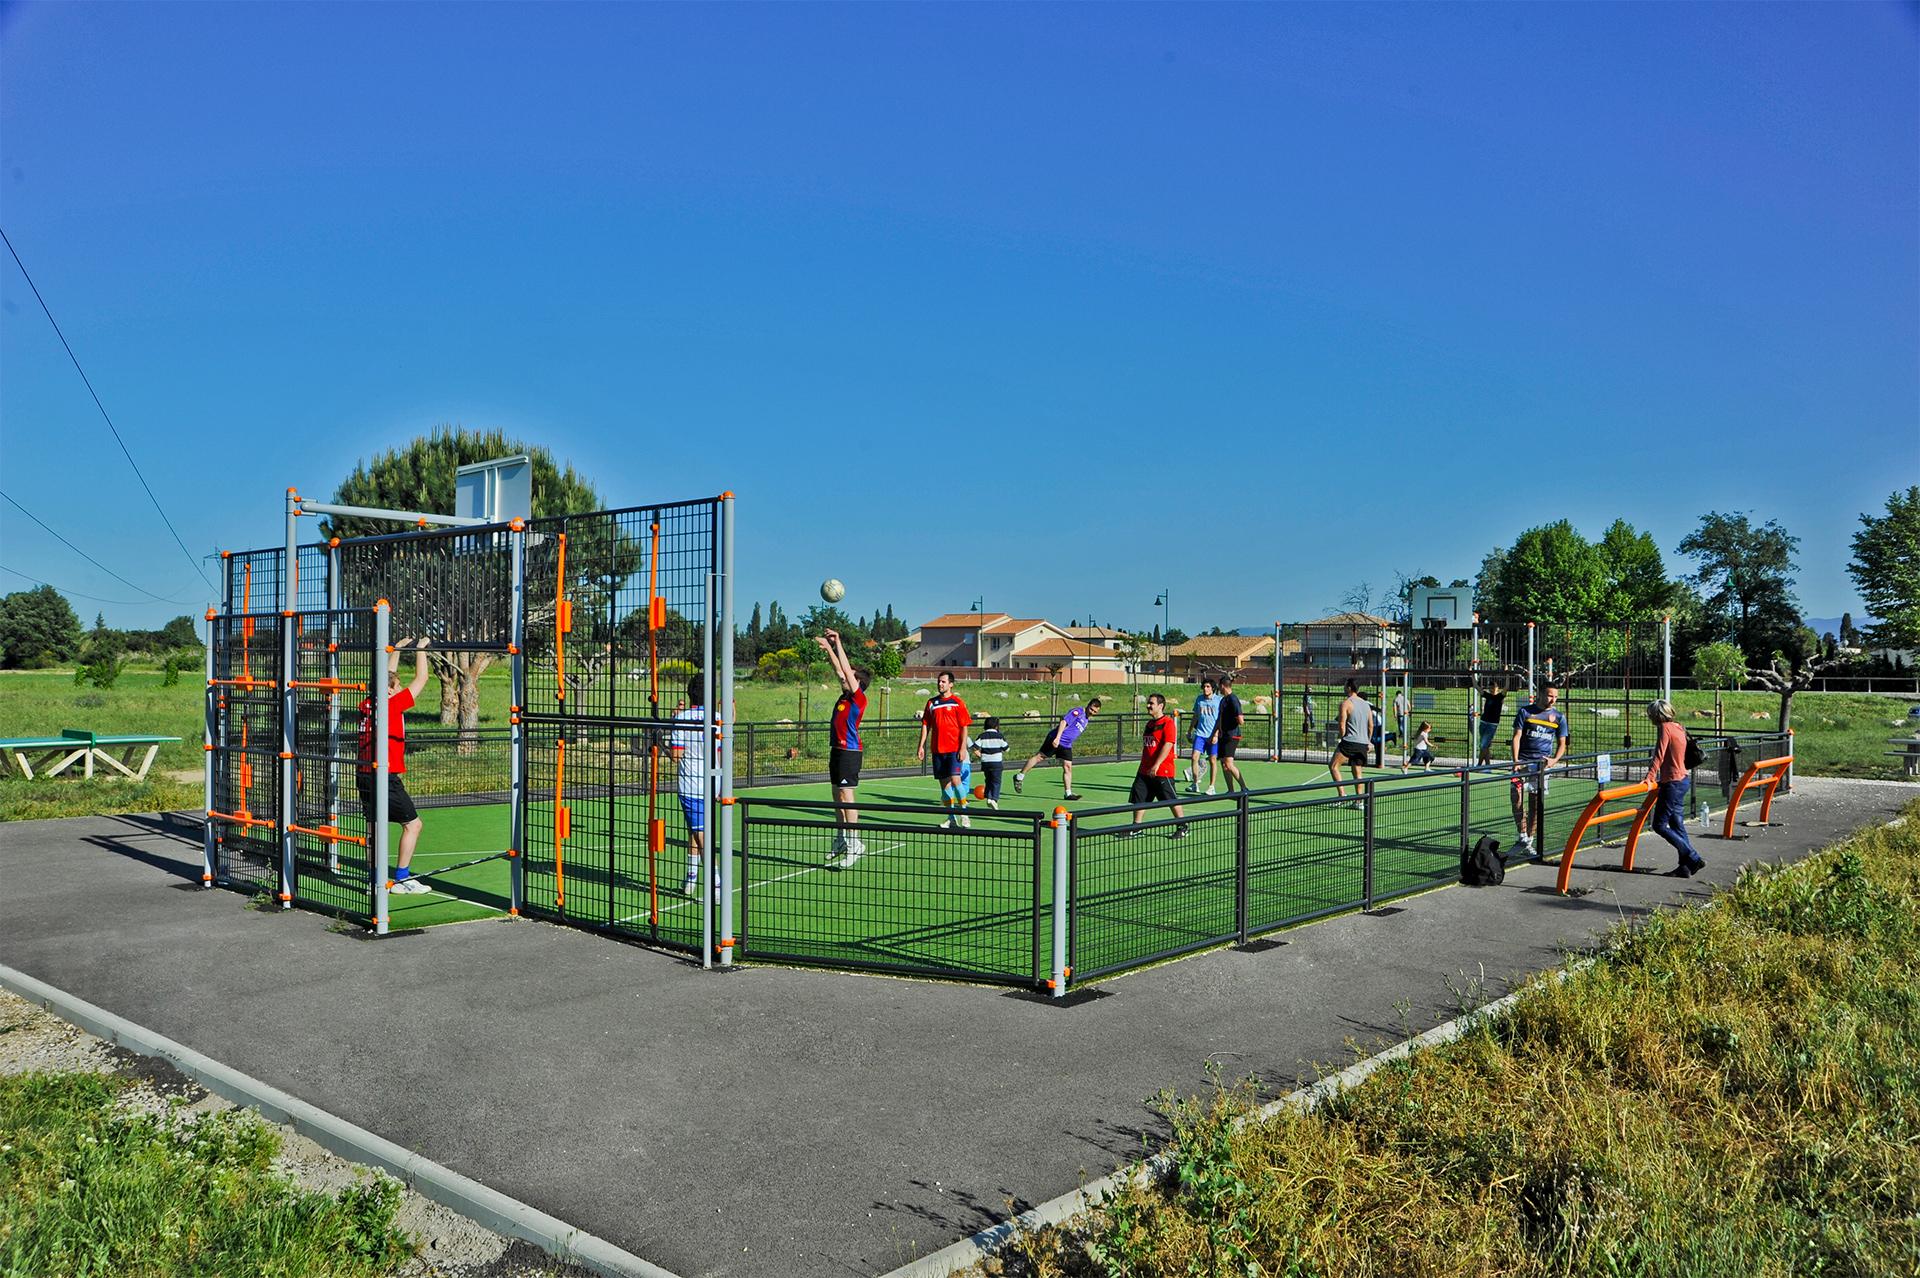 Terrain multisport et des joueurs de foot